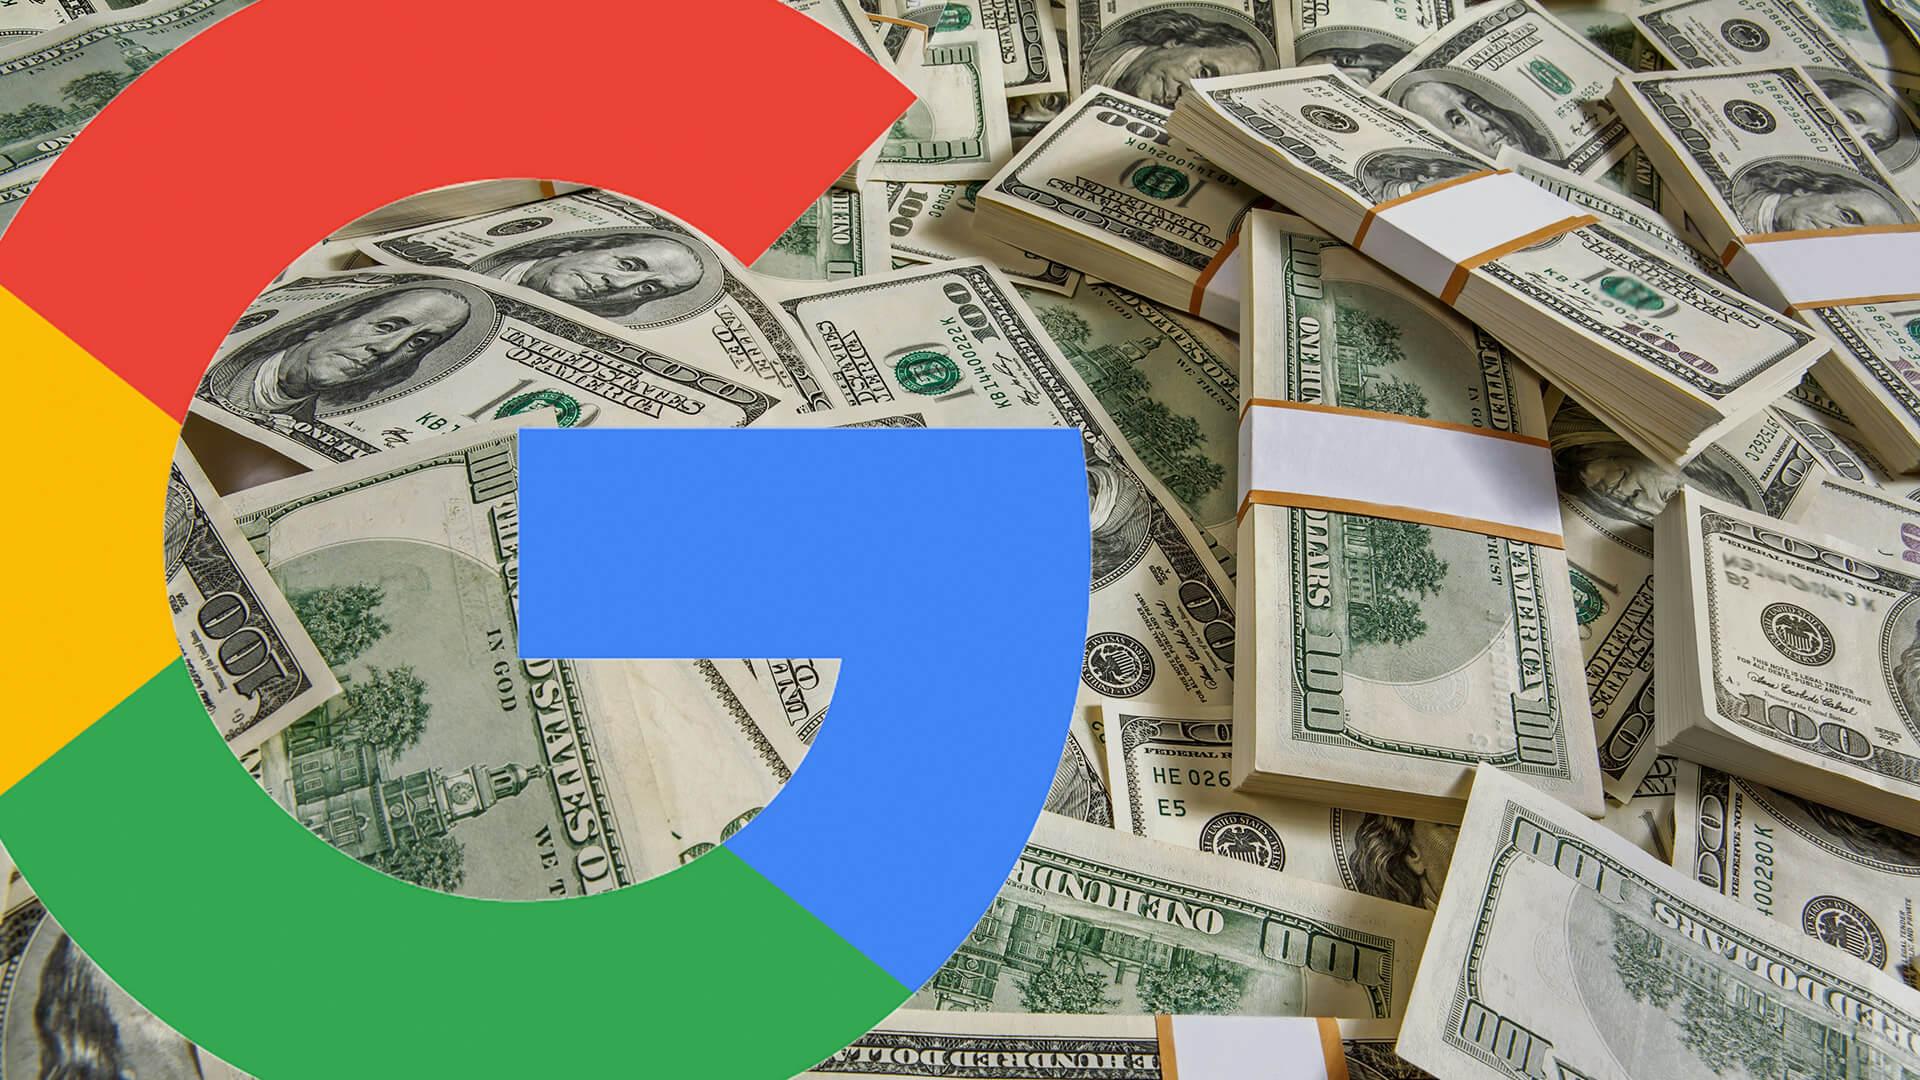 El movimiento de los términos de búsqueda de Google hará que millones en publicidad sean invisibles para los anunciantes